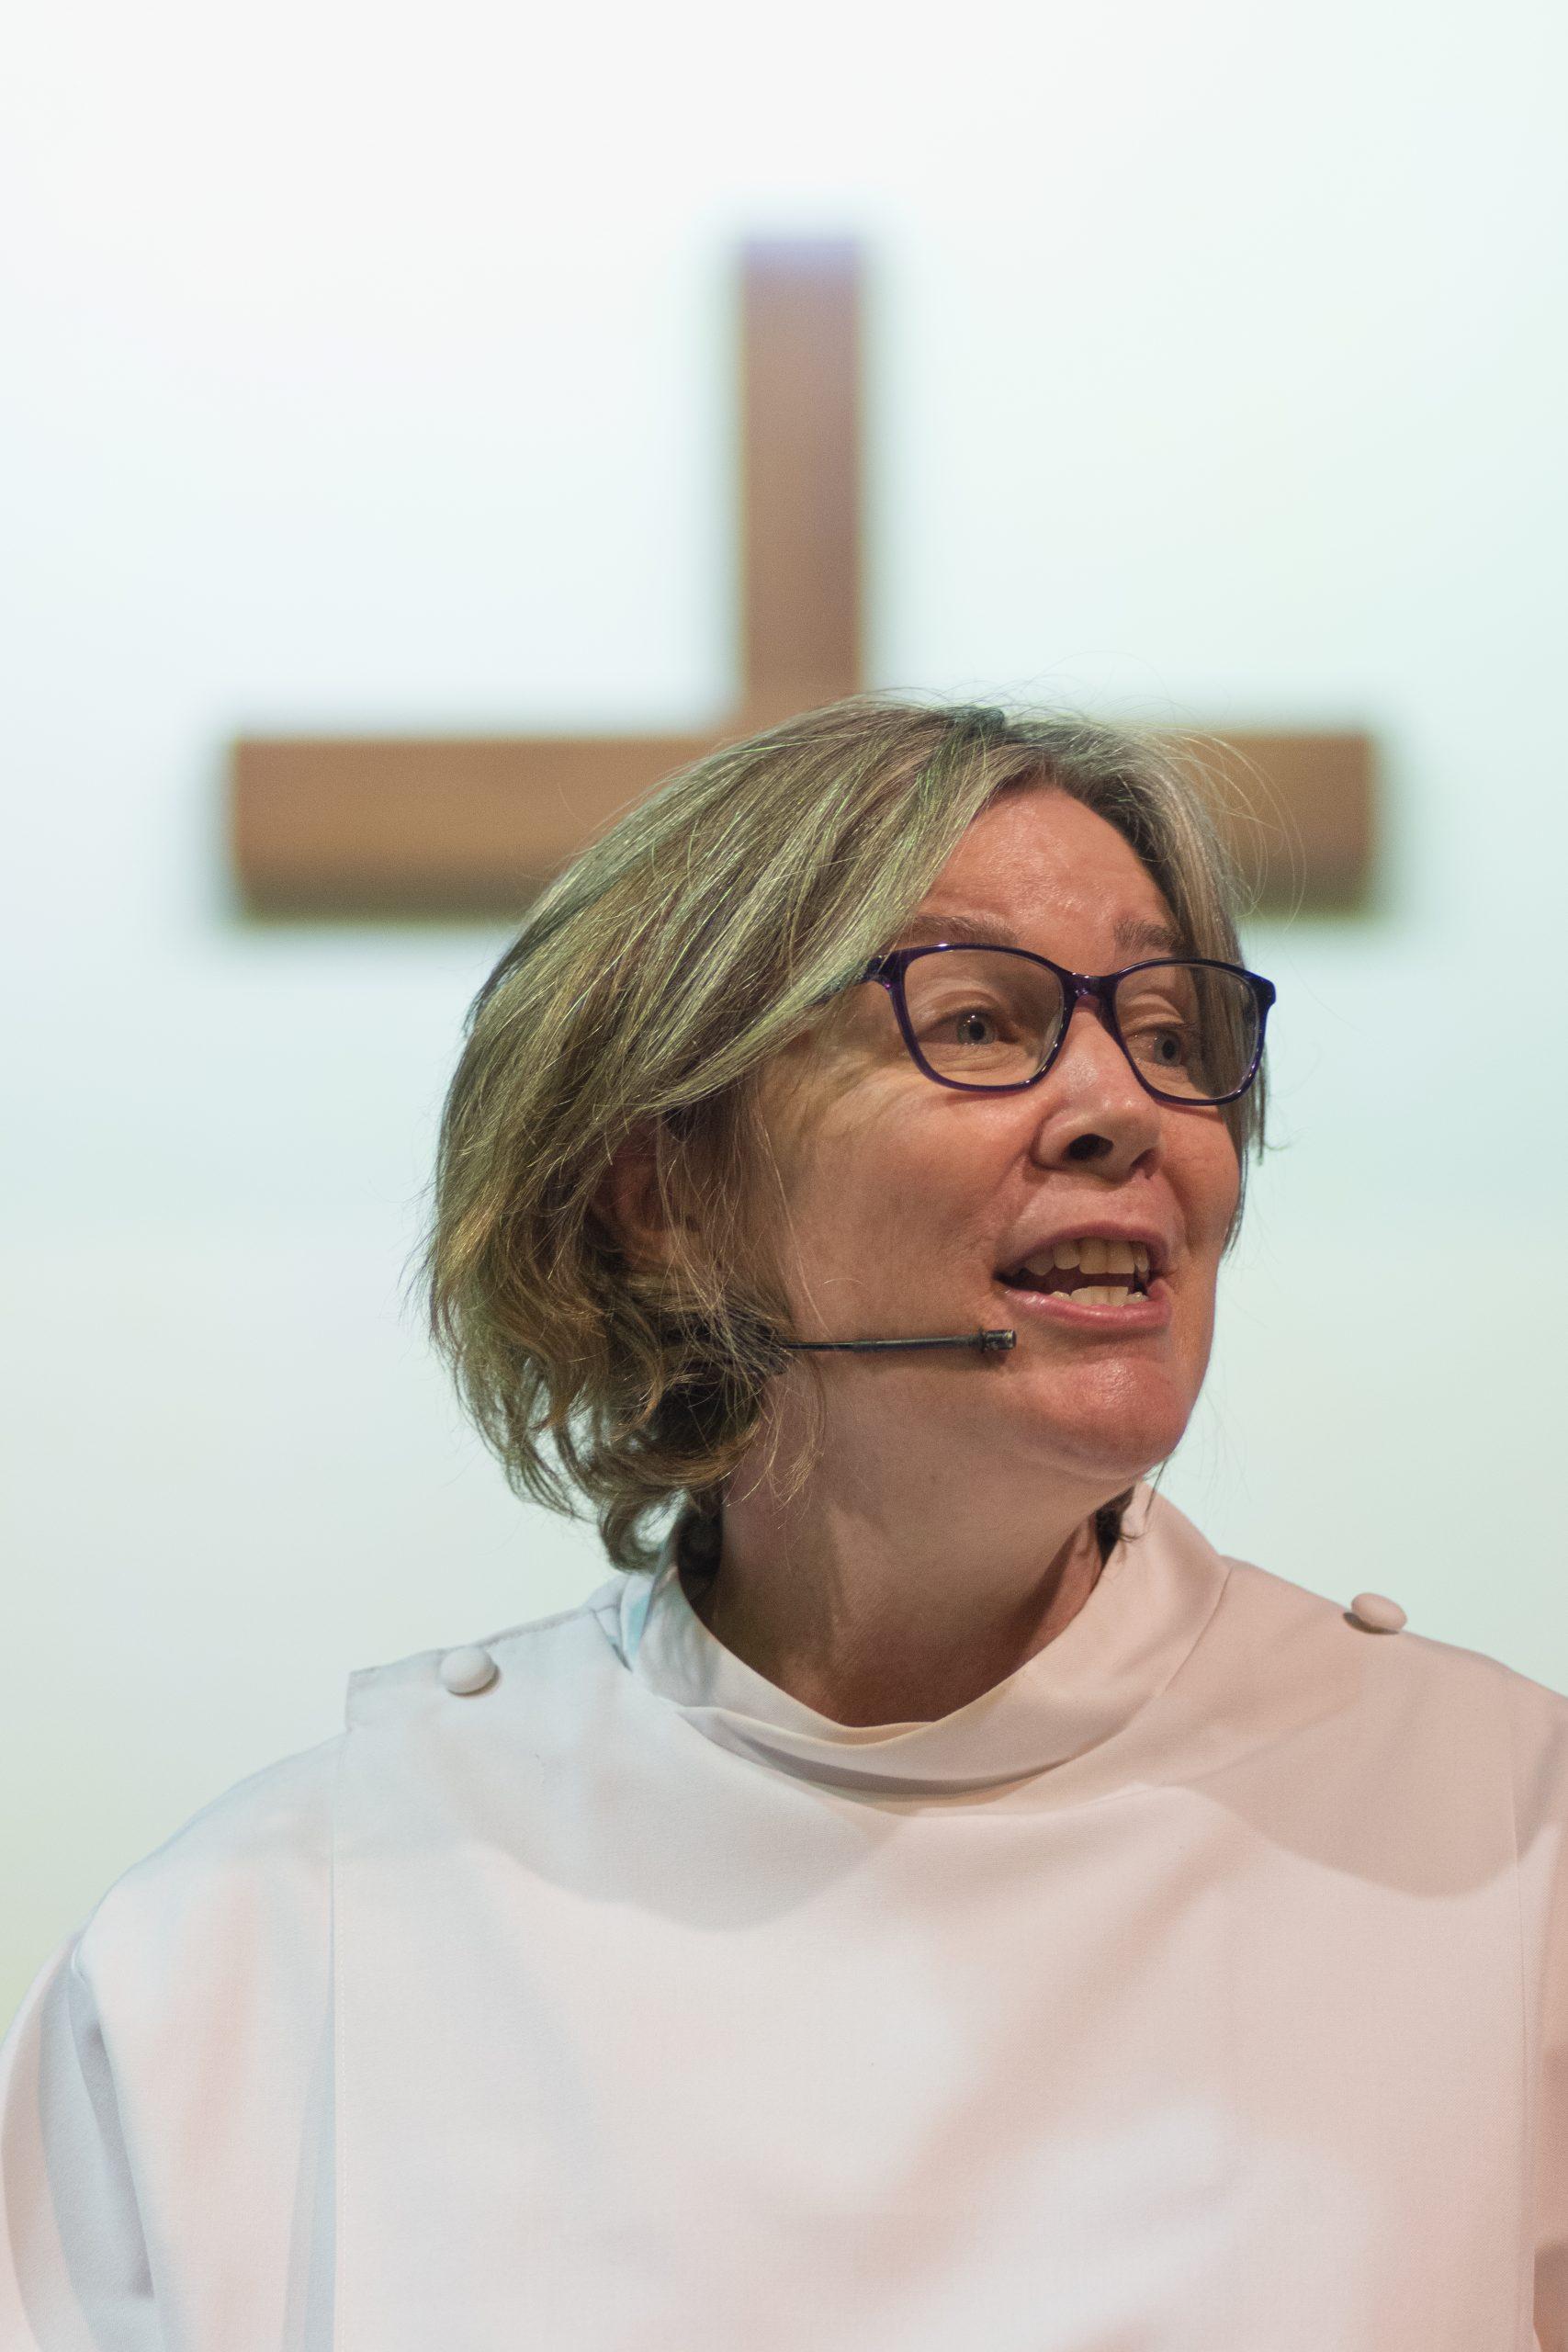 Rosalie-ordination-79-scaled